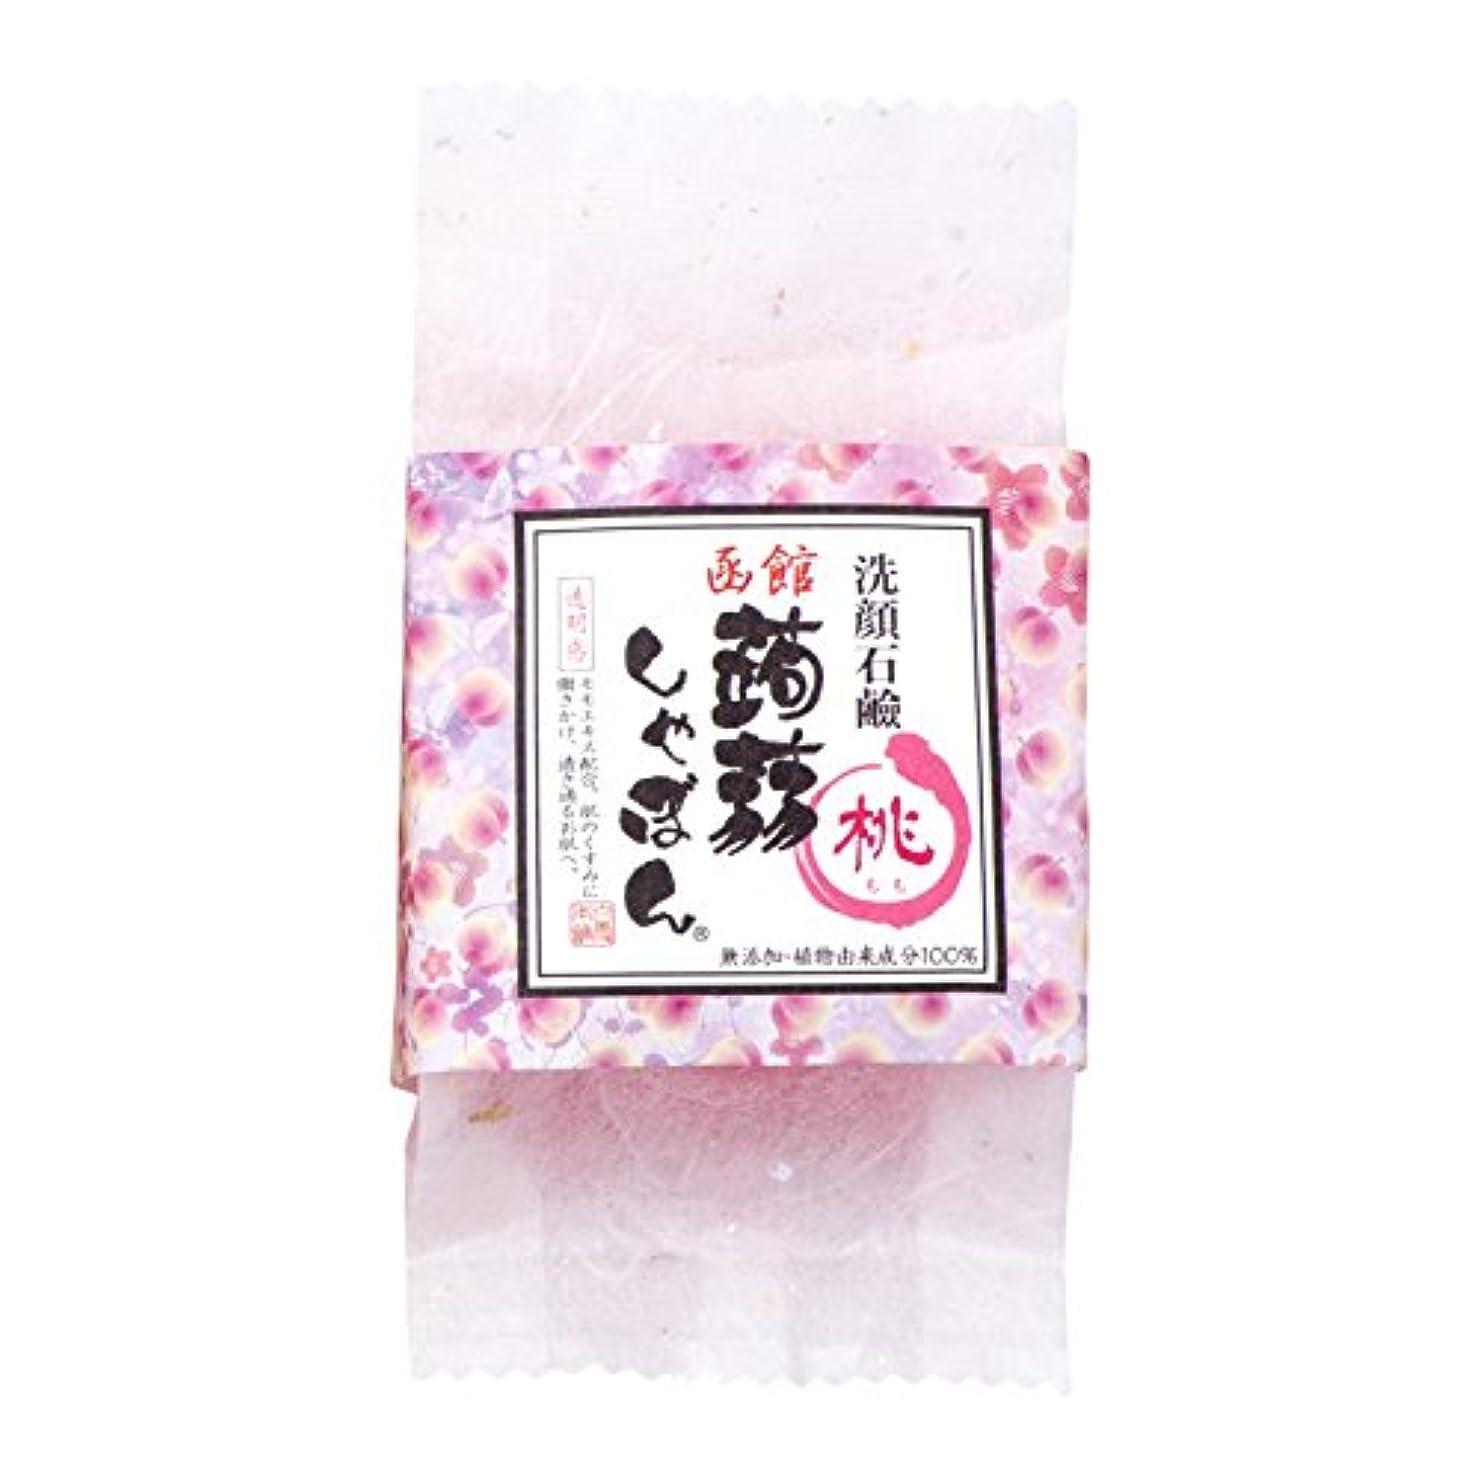 洋服前売素晴らしき函館蒟蒻しゃぼん函館 桃(もも)